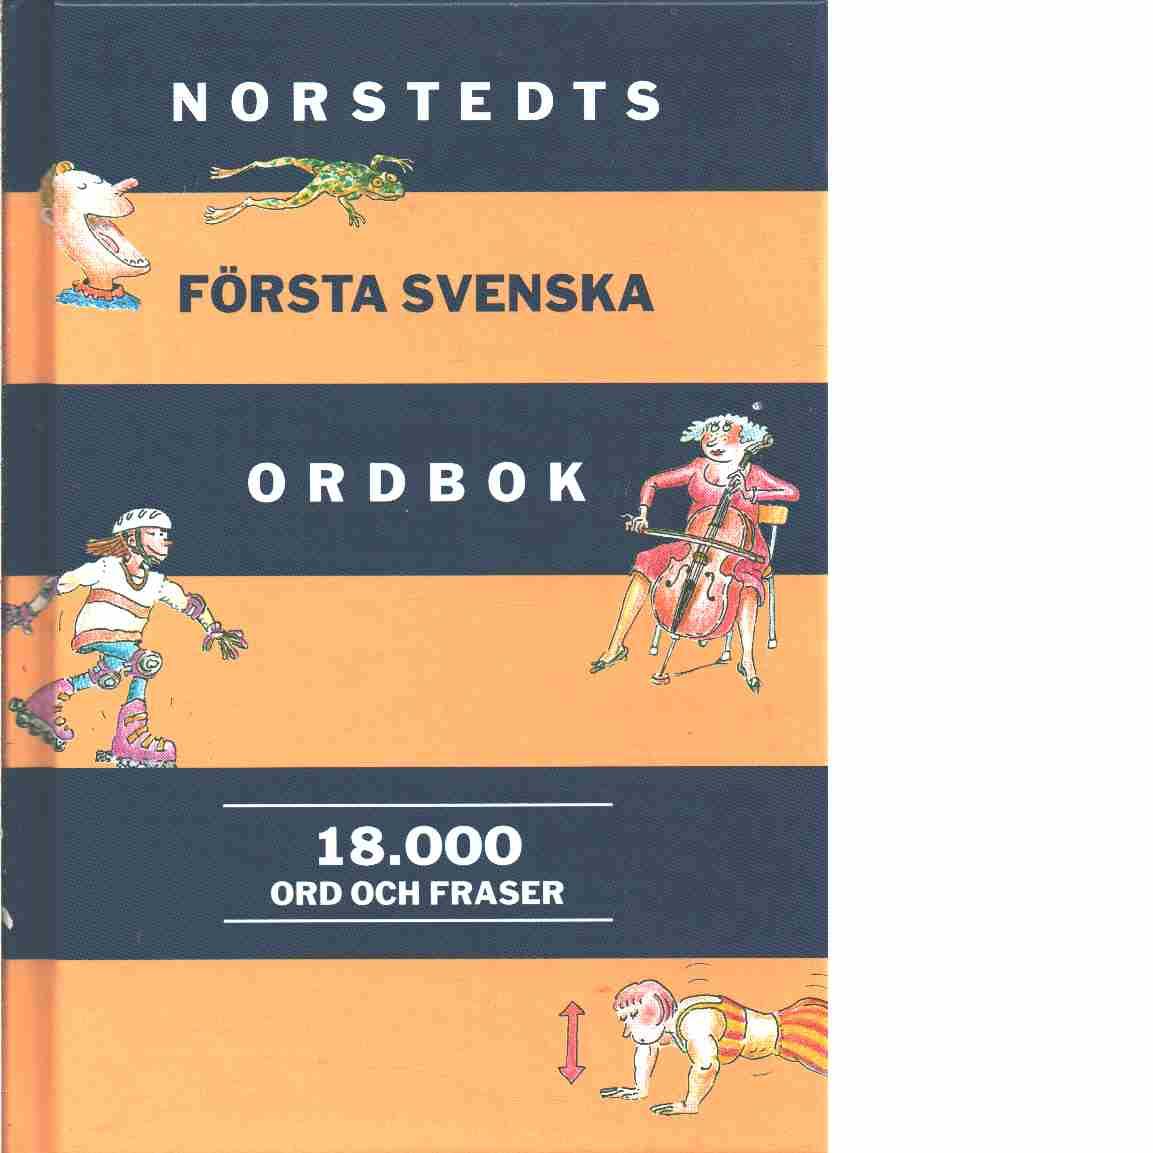 Norstedts första svenska ordbok : [18.000 ord och fraser] / - Ernby, Birgitta och Gellerstam, Martin samt   Malmgren, Sven-Göran,